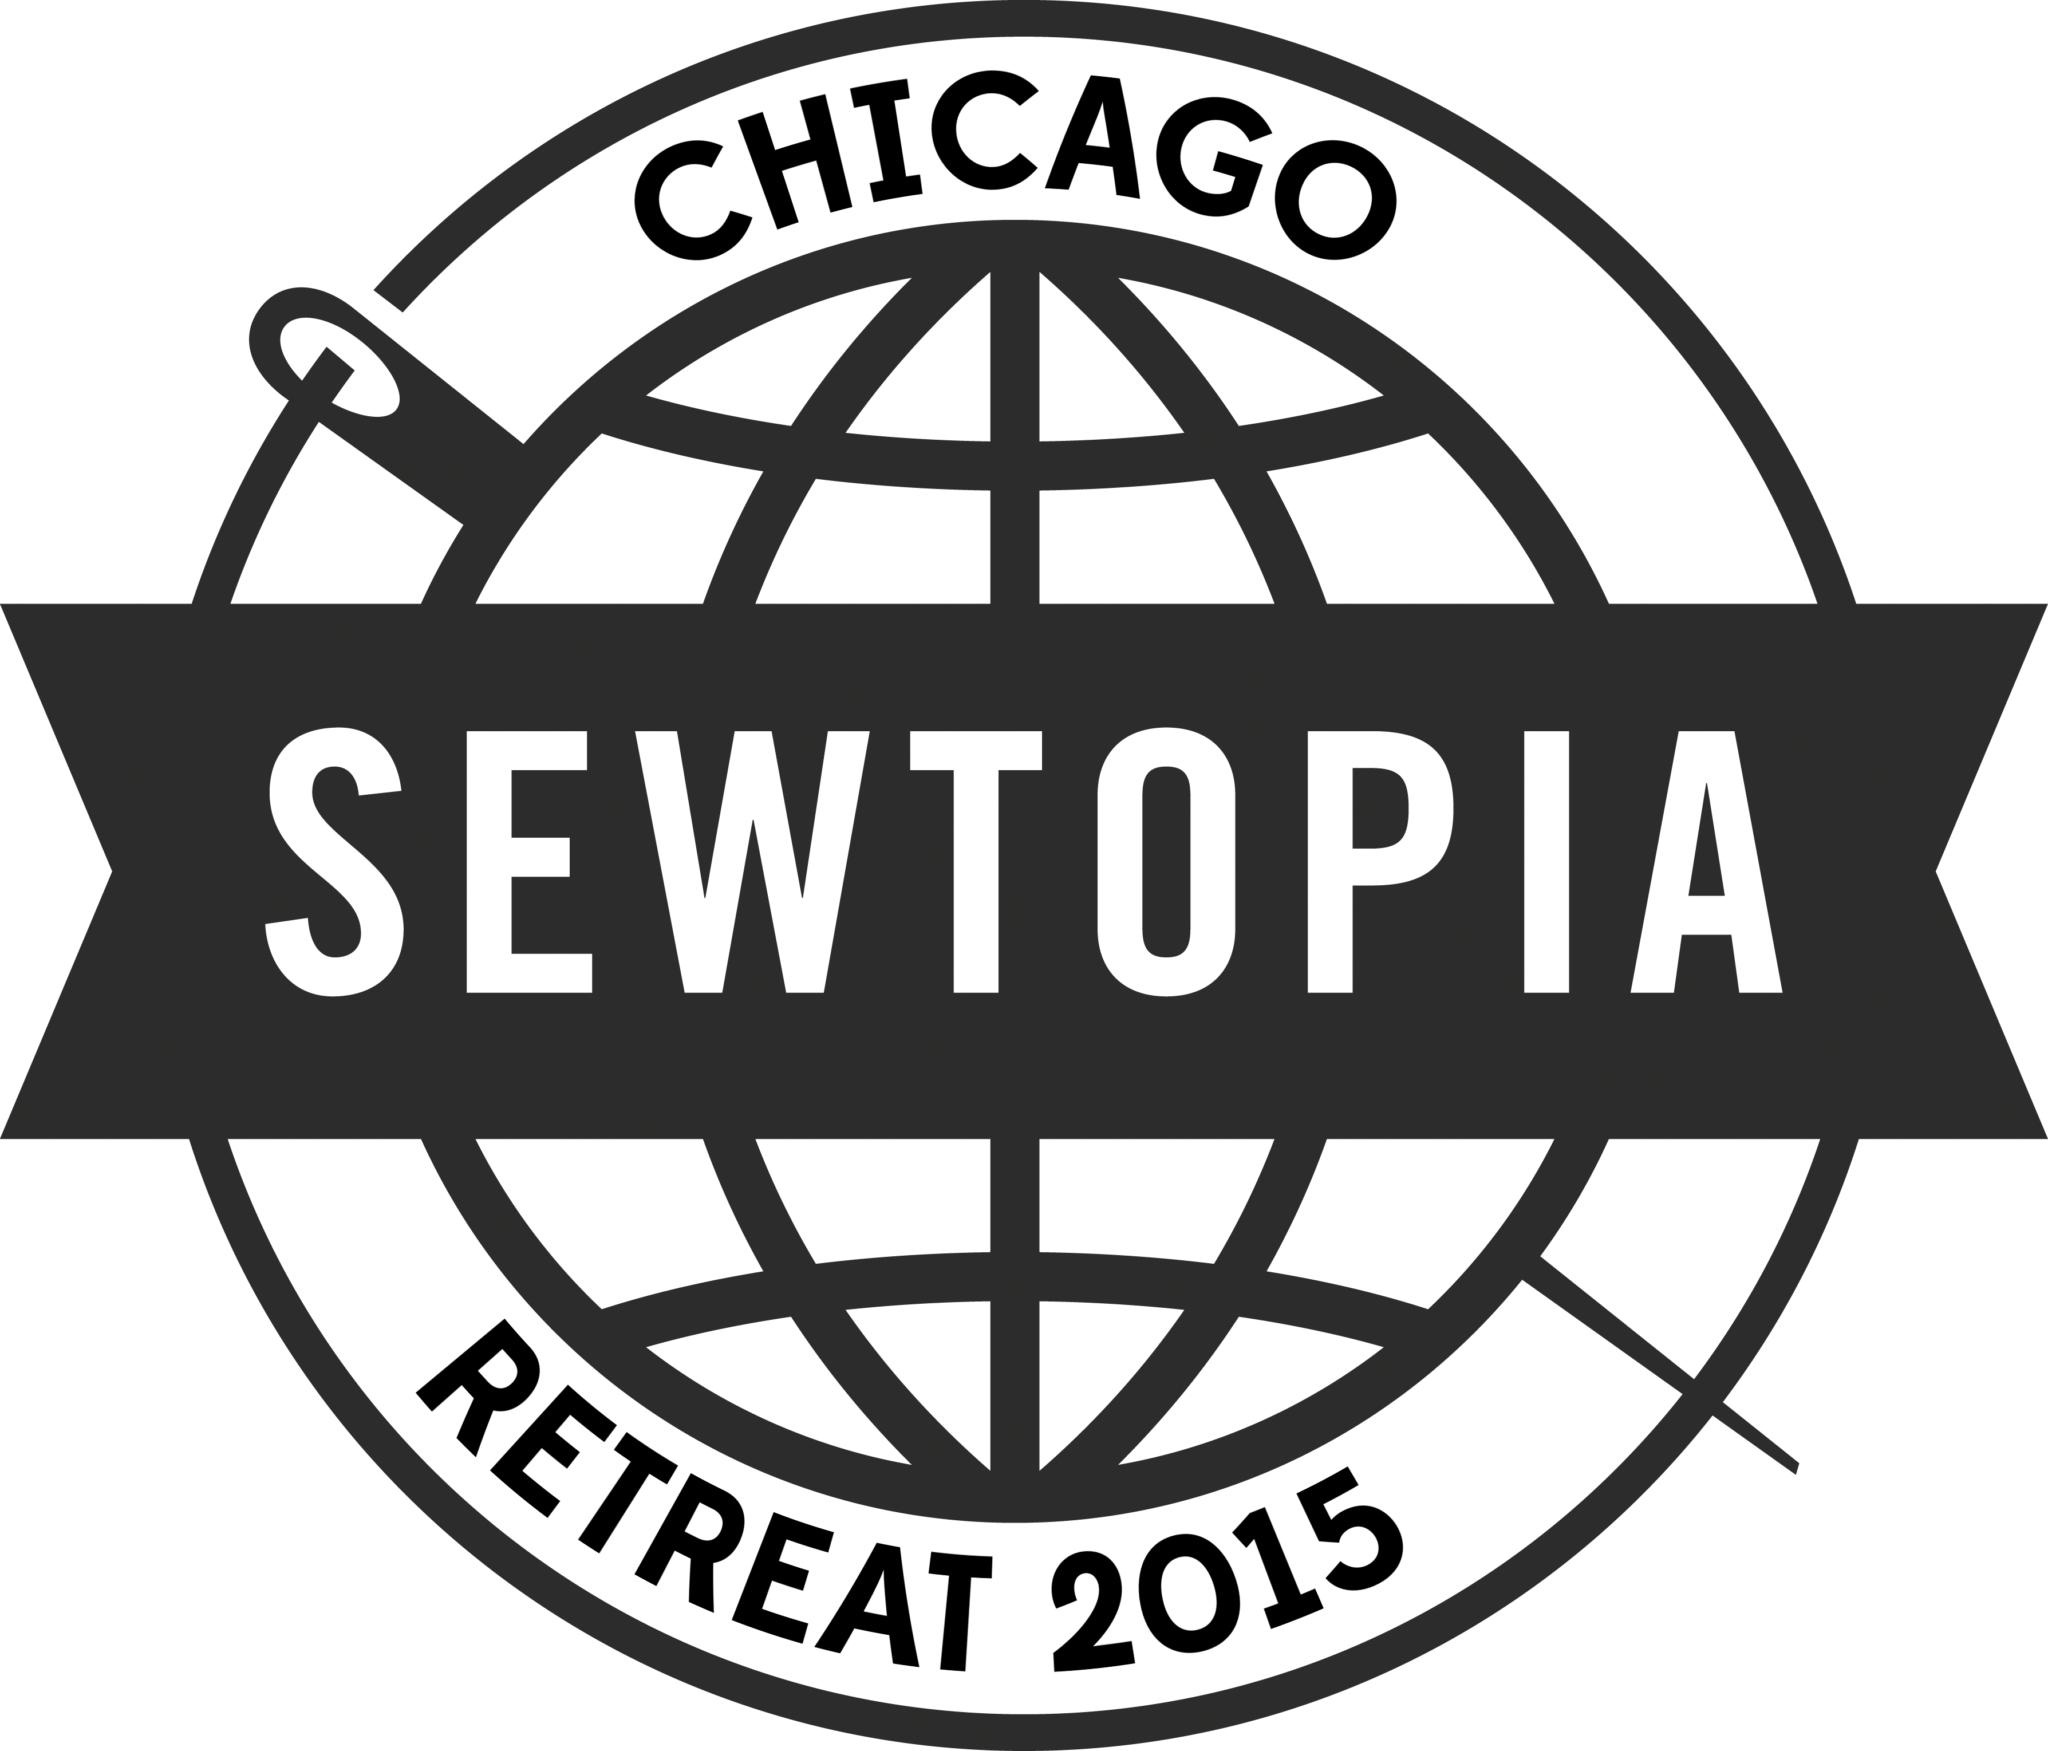 Sewtopia_Chicago_edited-2